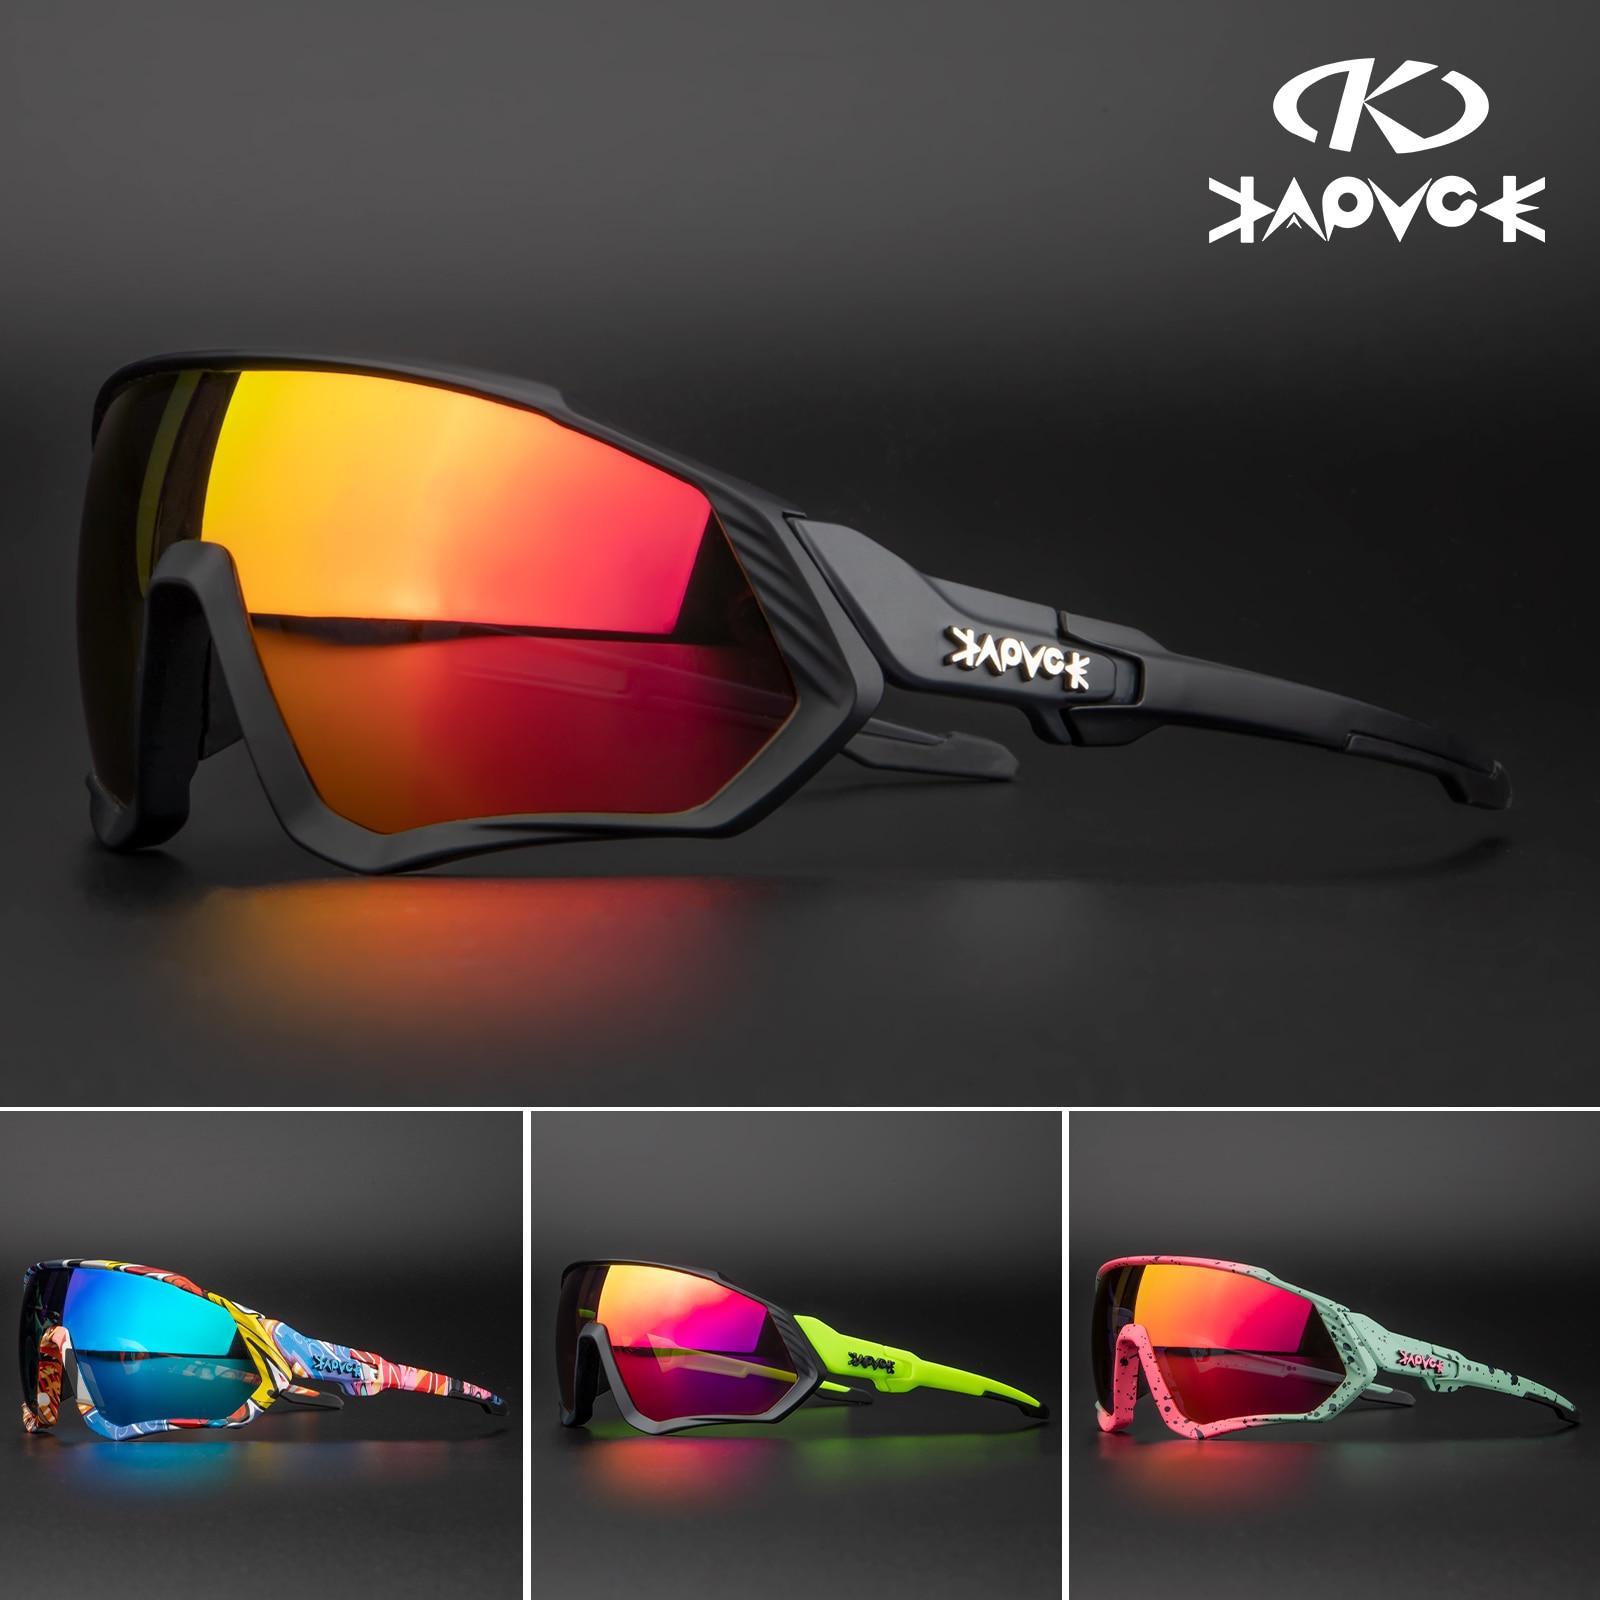 Gafas Kapvoe